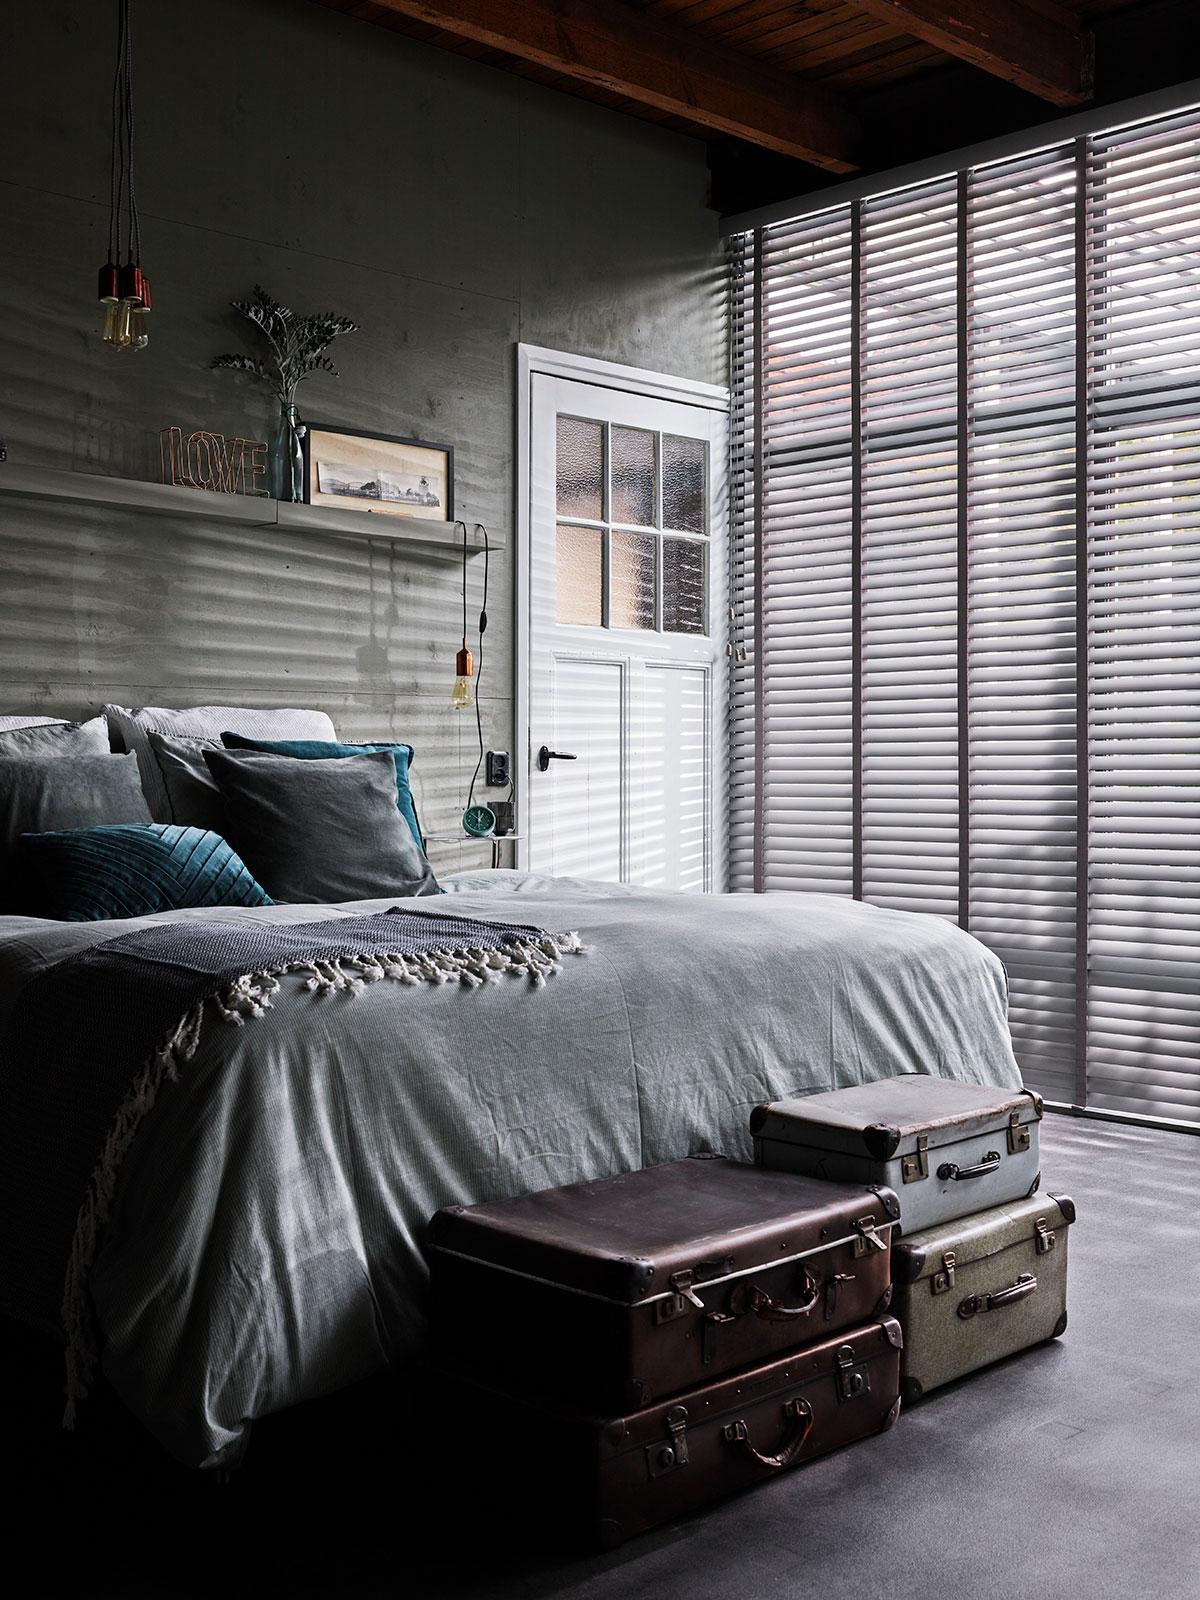 Raamdecoratie - B&C - Groenevelt Zonwering & Raamdecoratie.